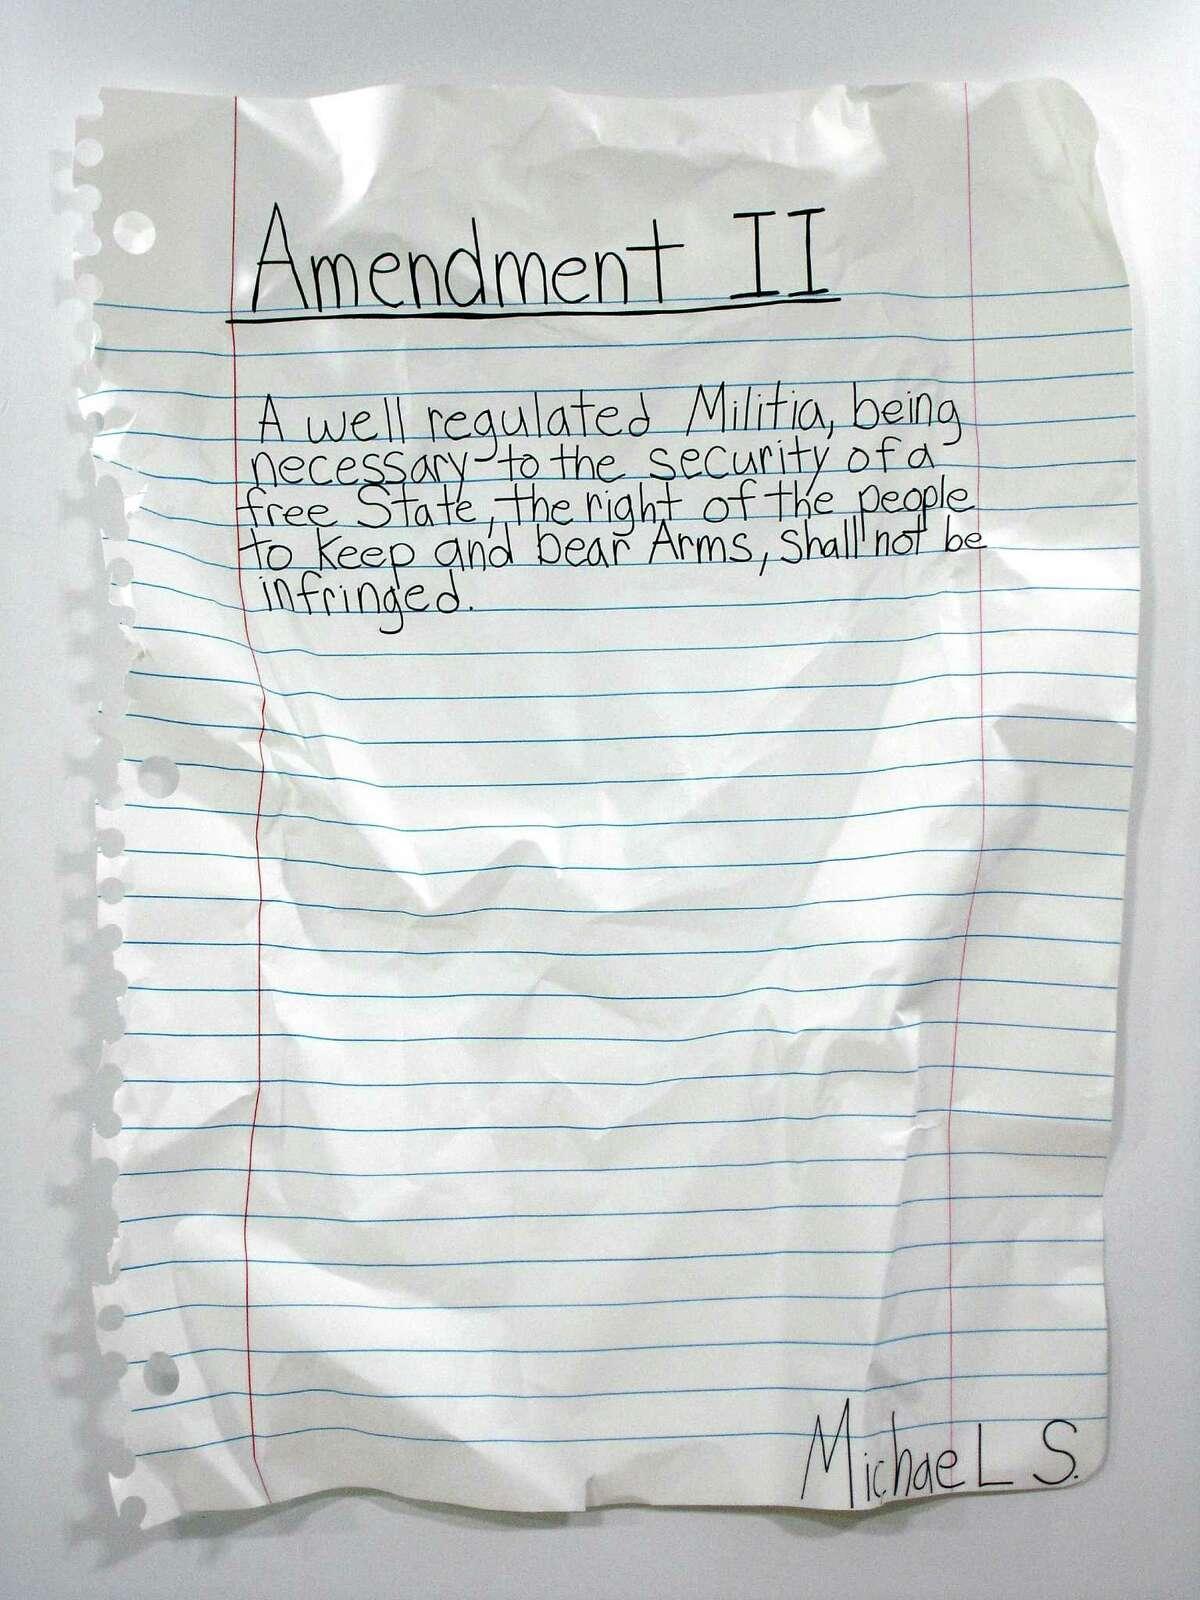 Michael Scoggins, Amendment II, 2008, marker, colored pencil on paper, 67 x 51 inches